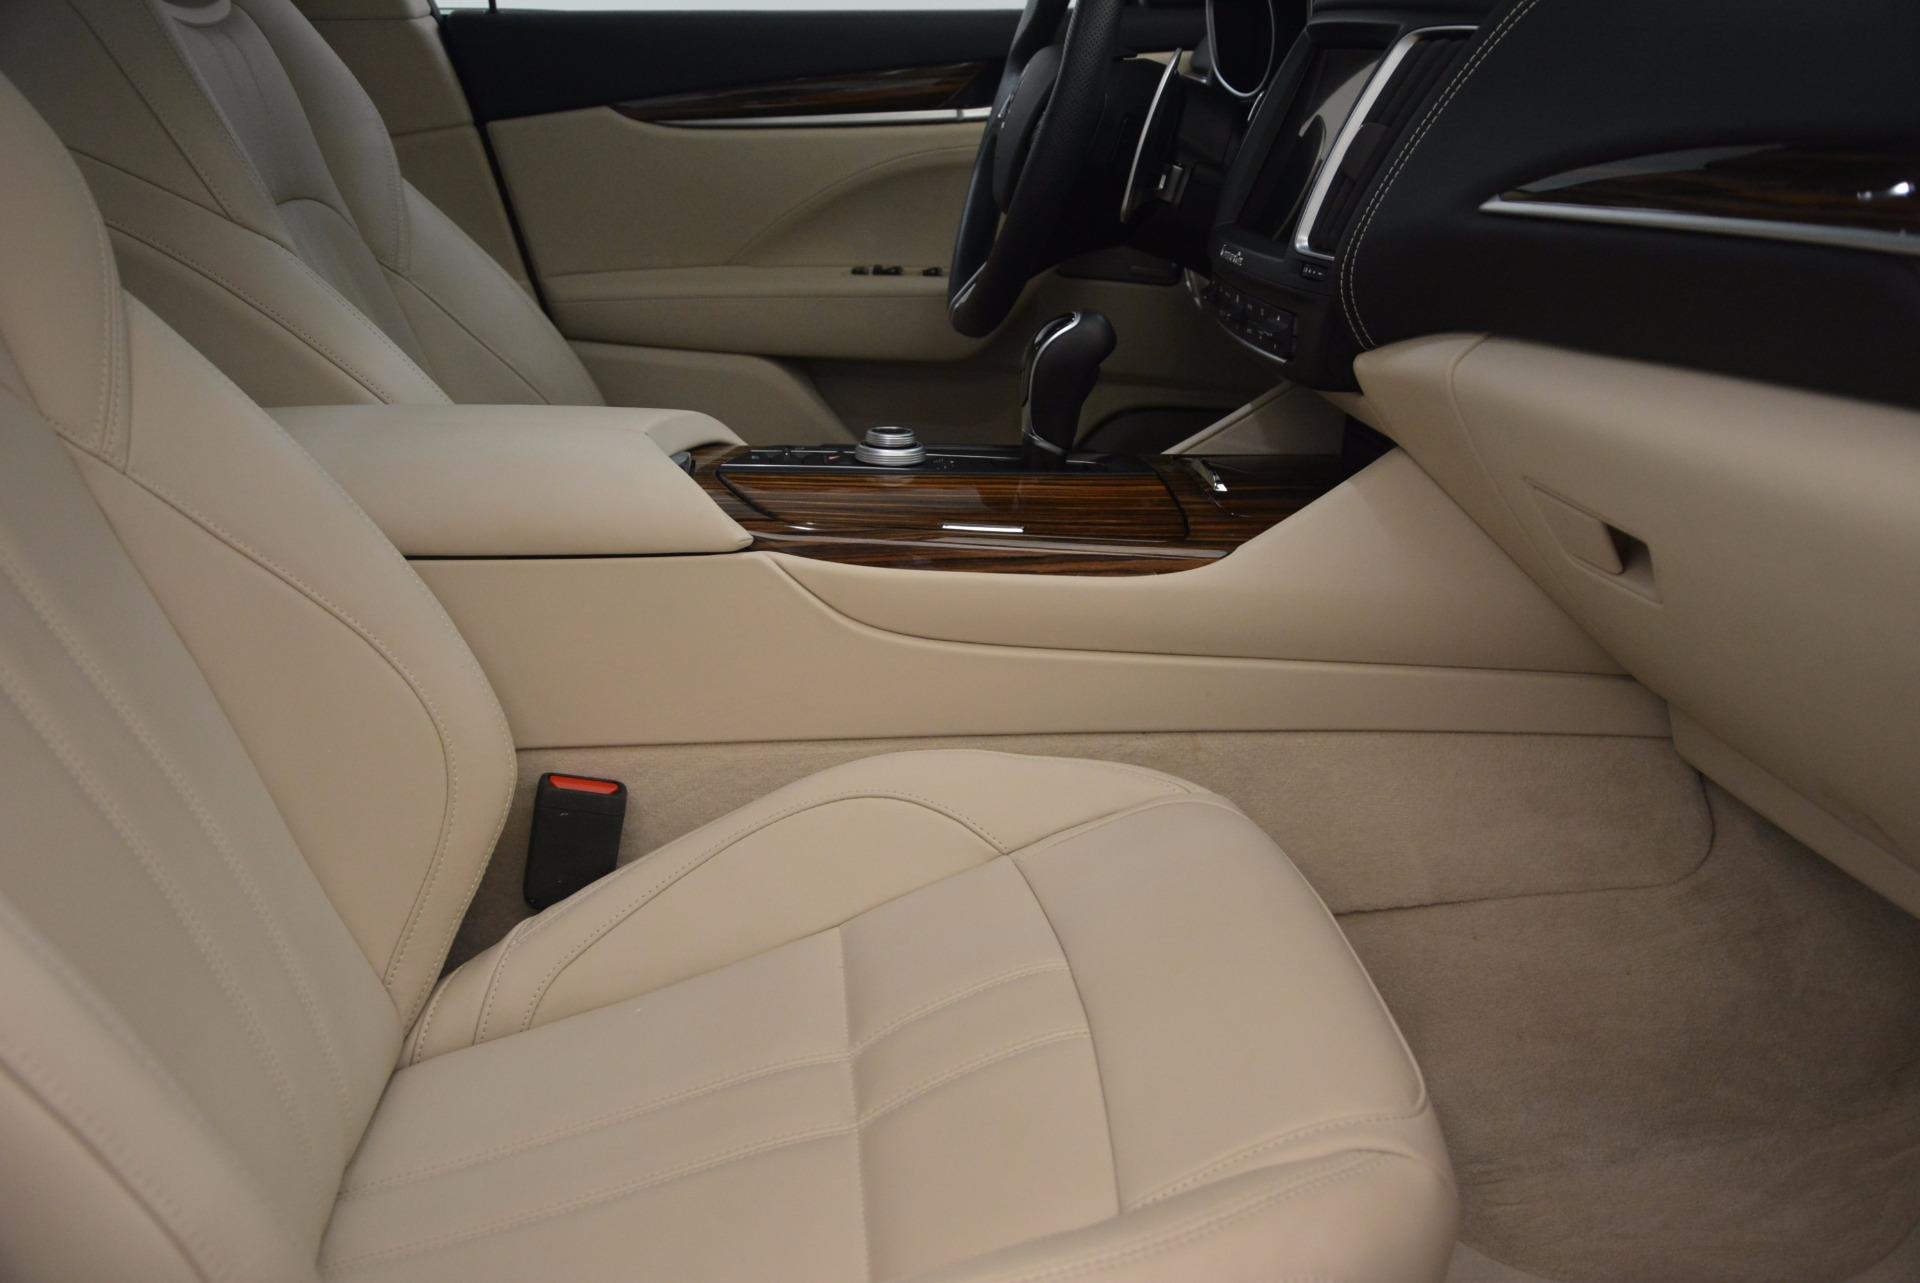 Used 2017 Maserati Levante S For Sale In Greenwich, CT 1463_p20